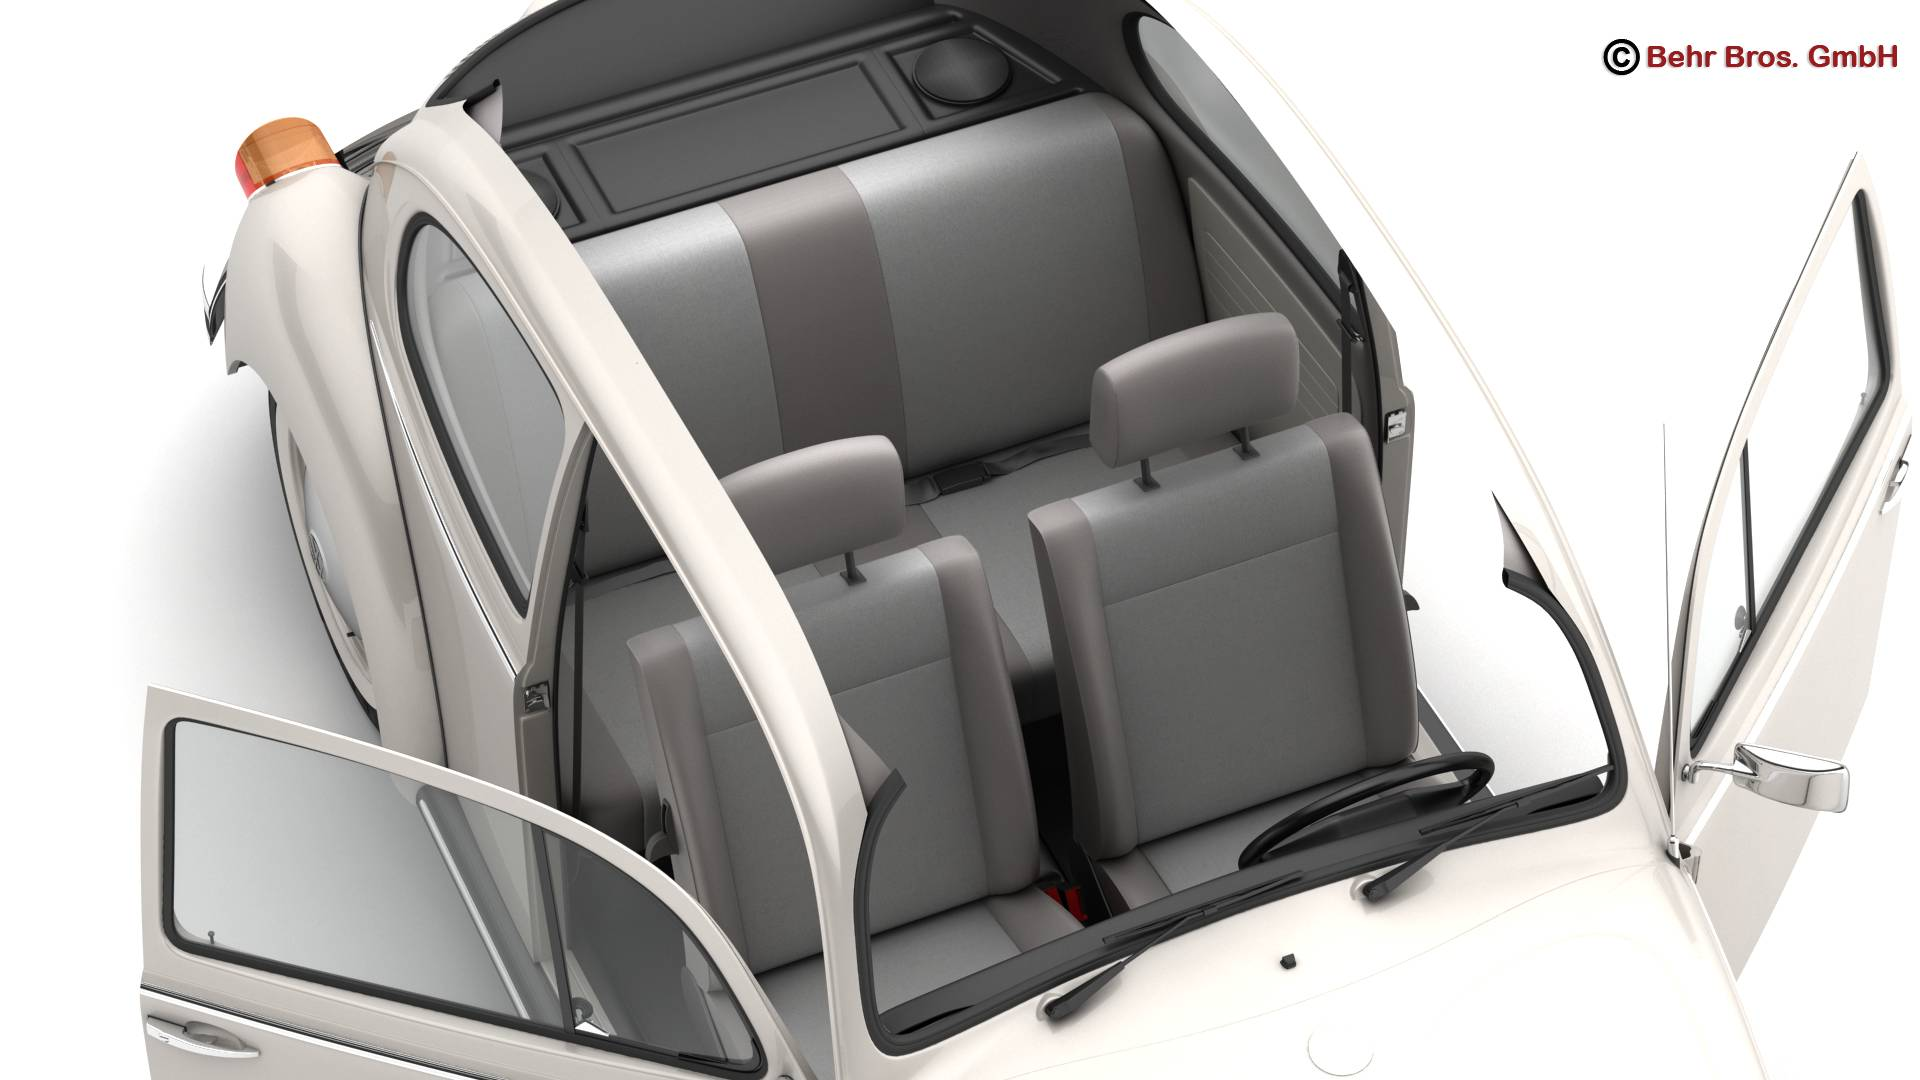 volkswagen beetle 2003 ultima edicion 3d model 3ds max fbx c4d lwo ma mb obj 220888